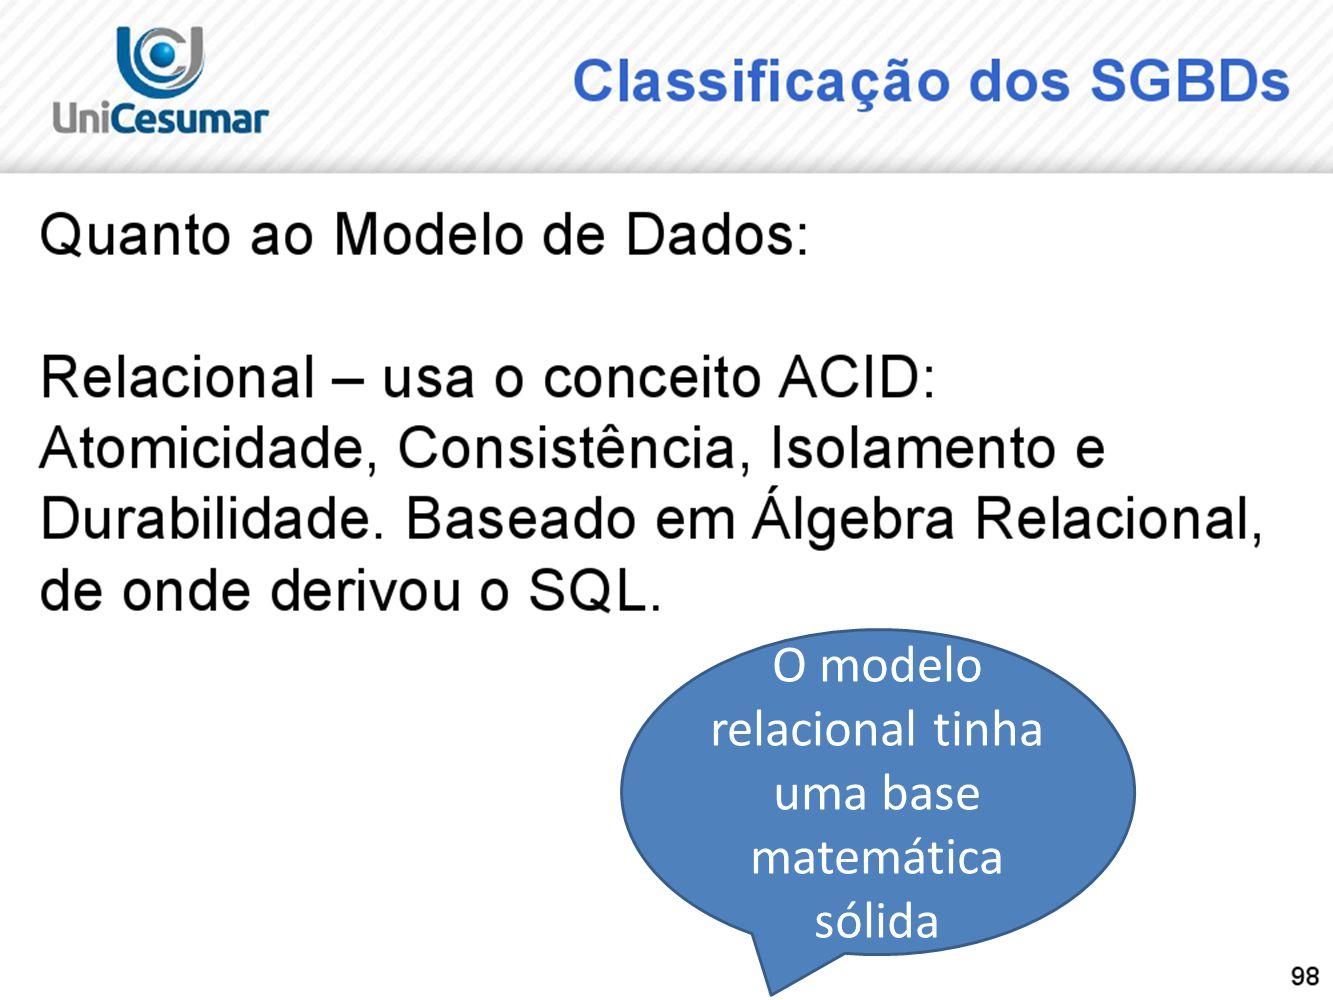 O modelo relacional tinha uma base matemática sólida